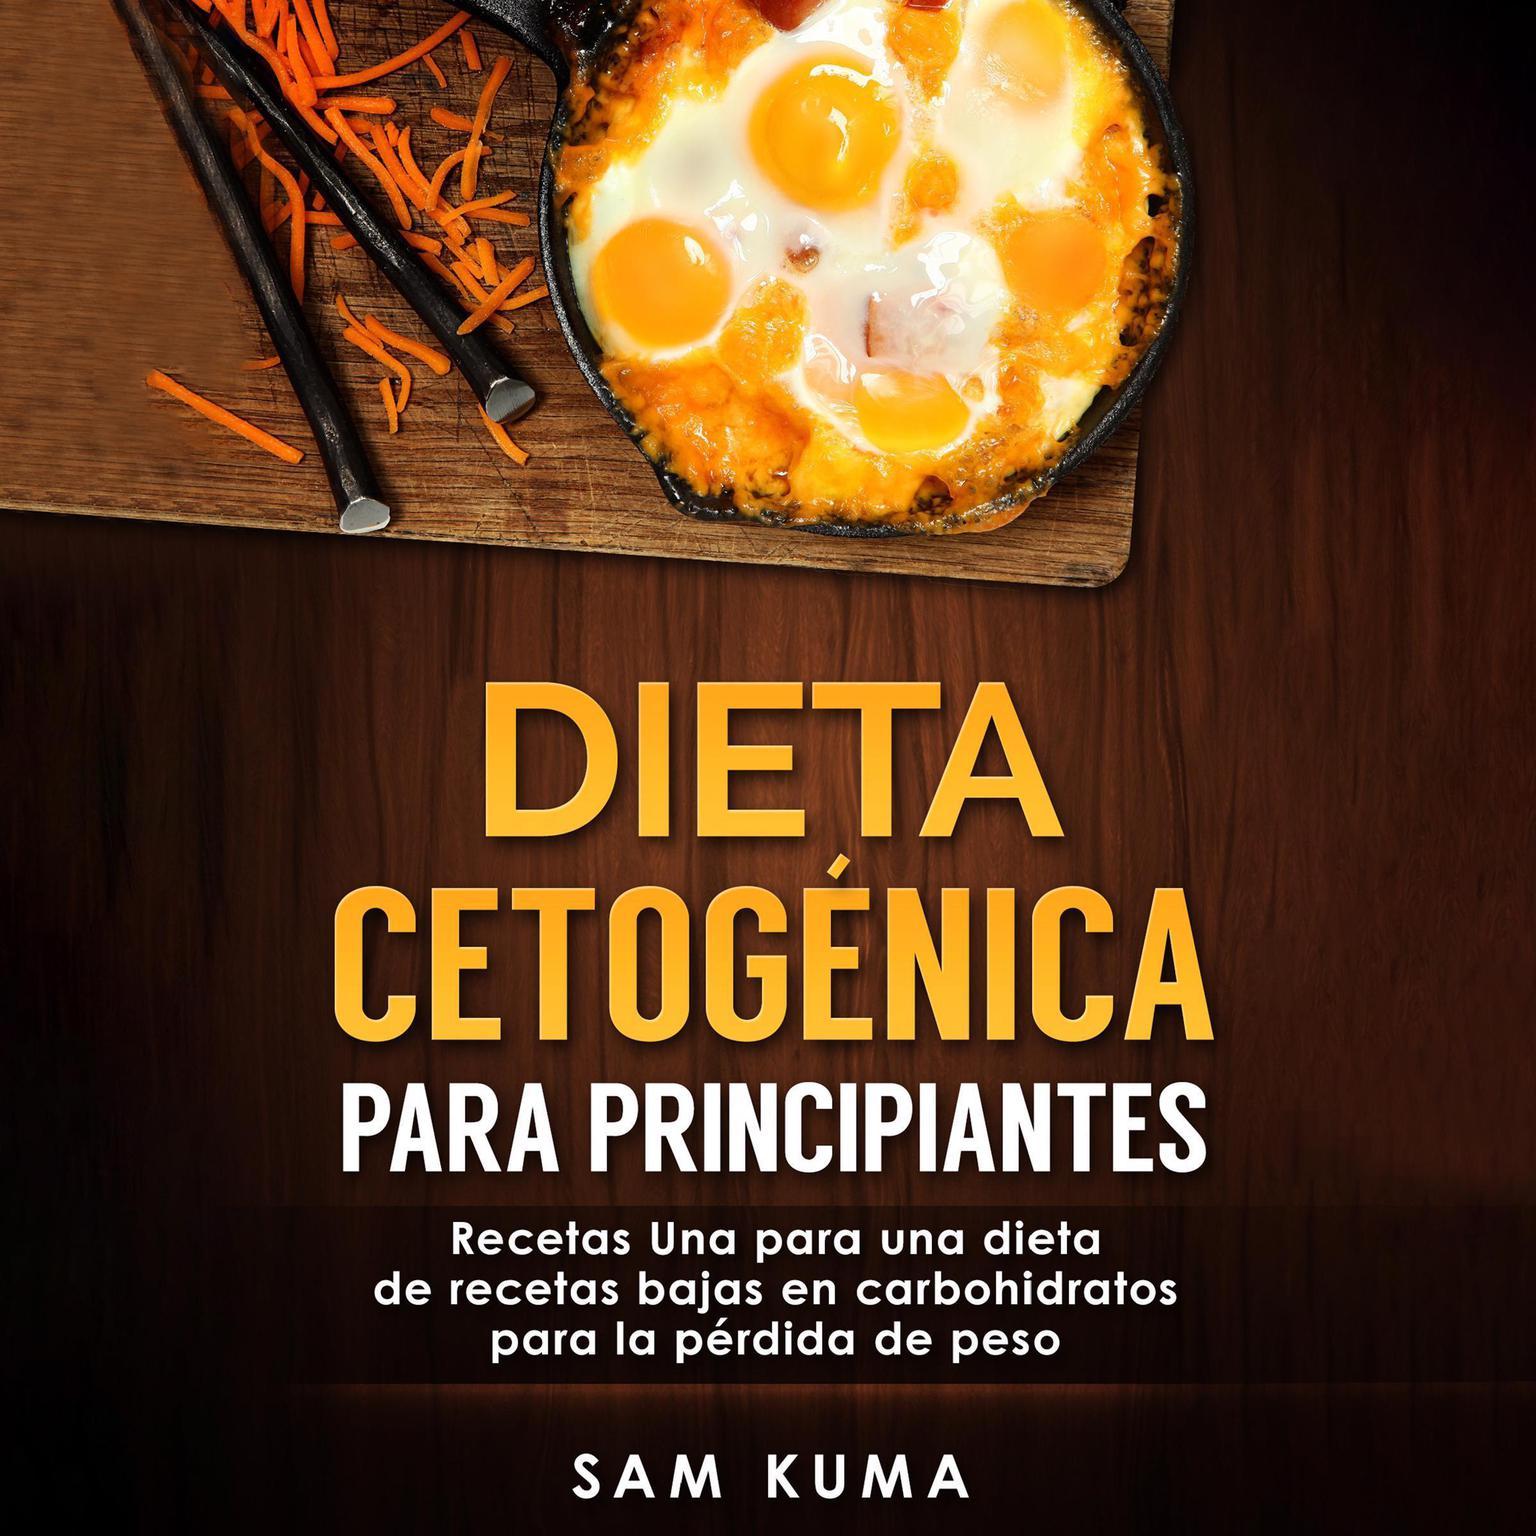 Dieta cetogénica para principiantes: Recetas Una para una dieta de recetas bajas en carbohidratos para la pérdida de peso (Spanish Edition) Audiobook, by Sam Kuma